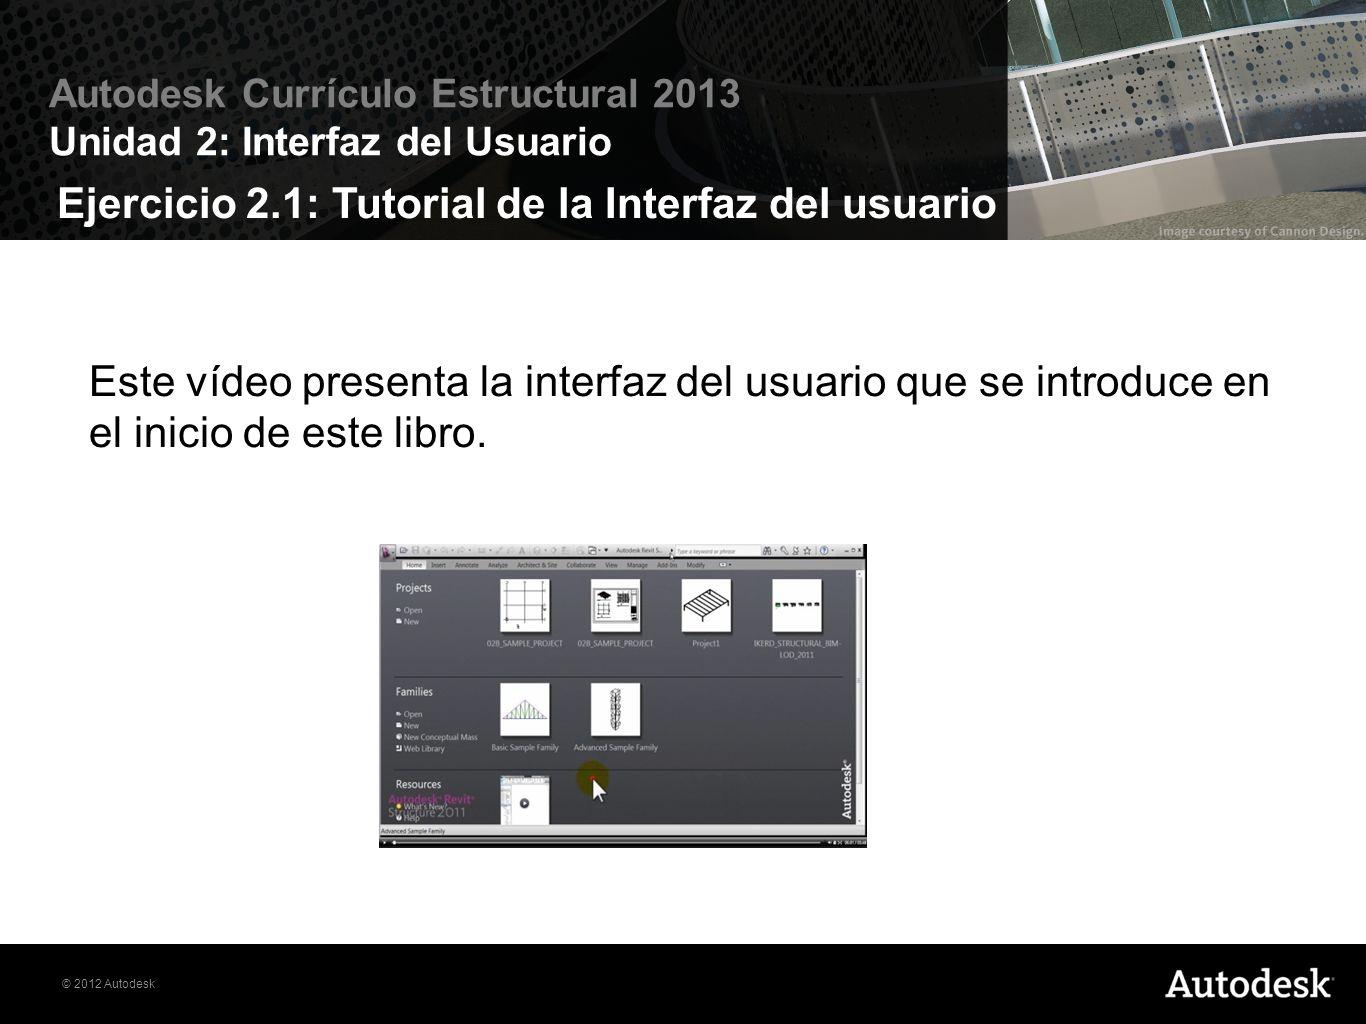 Ejercicio 2.1: Tutorial de la Interfaz del usuario